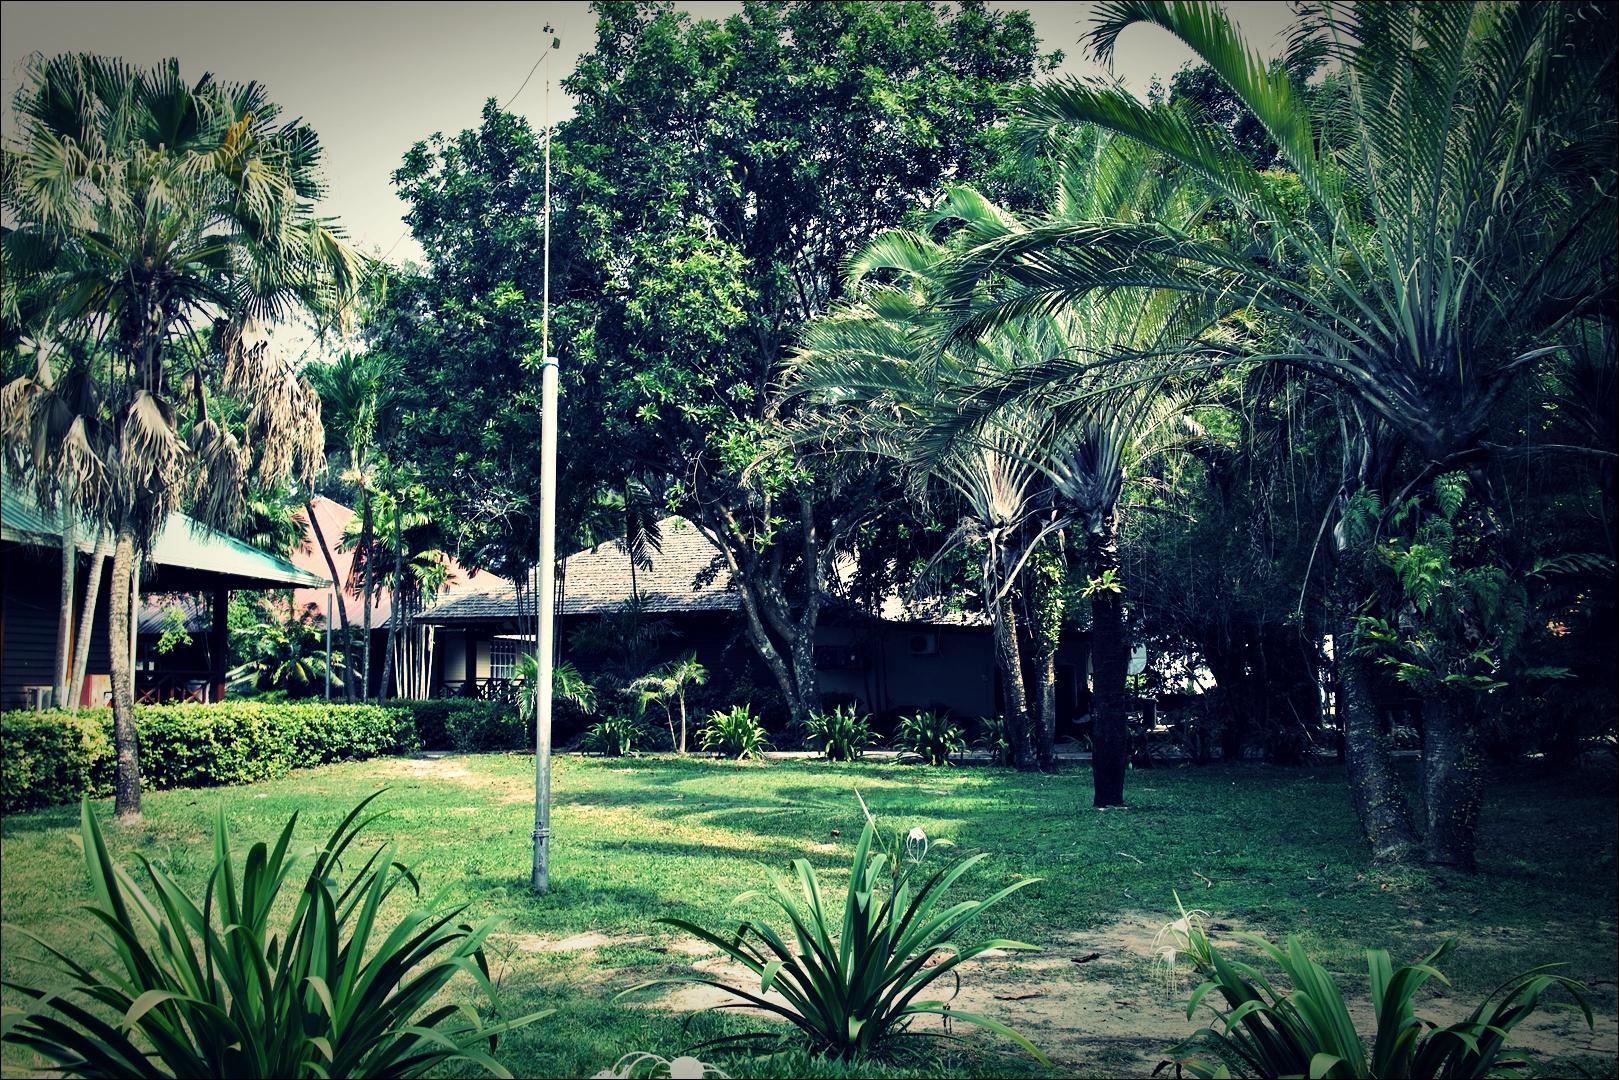 시설-'코타키나발루 마누칸 섬 Manukan Island Kota Kinabalu'